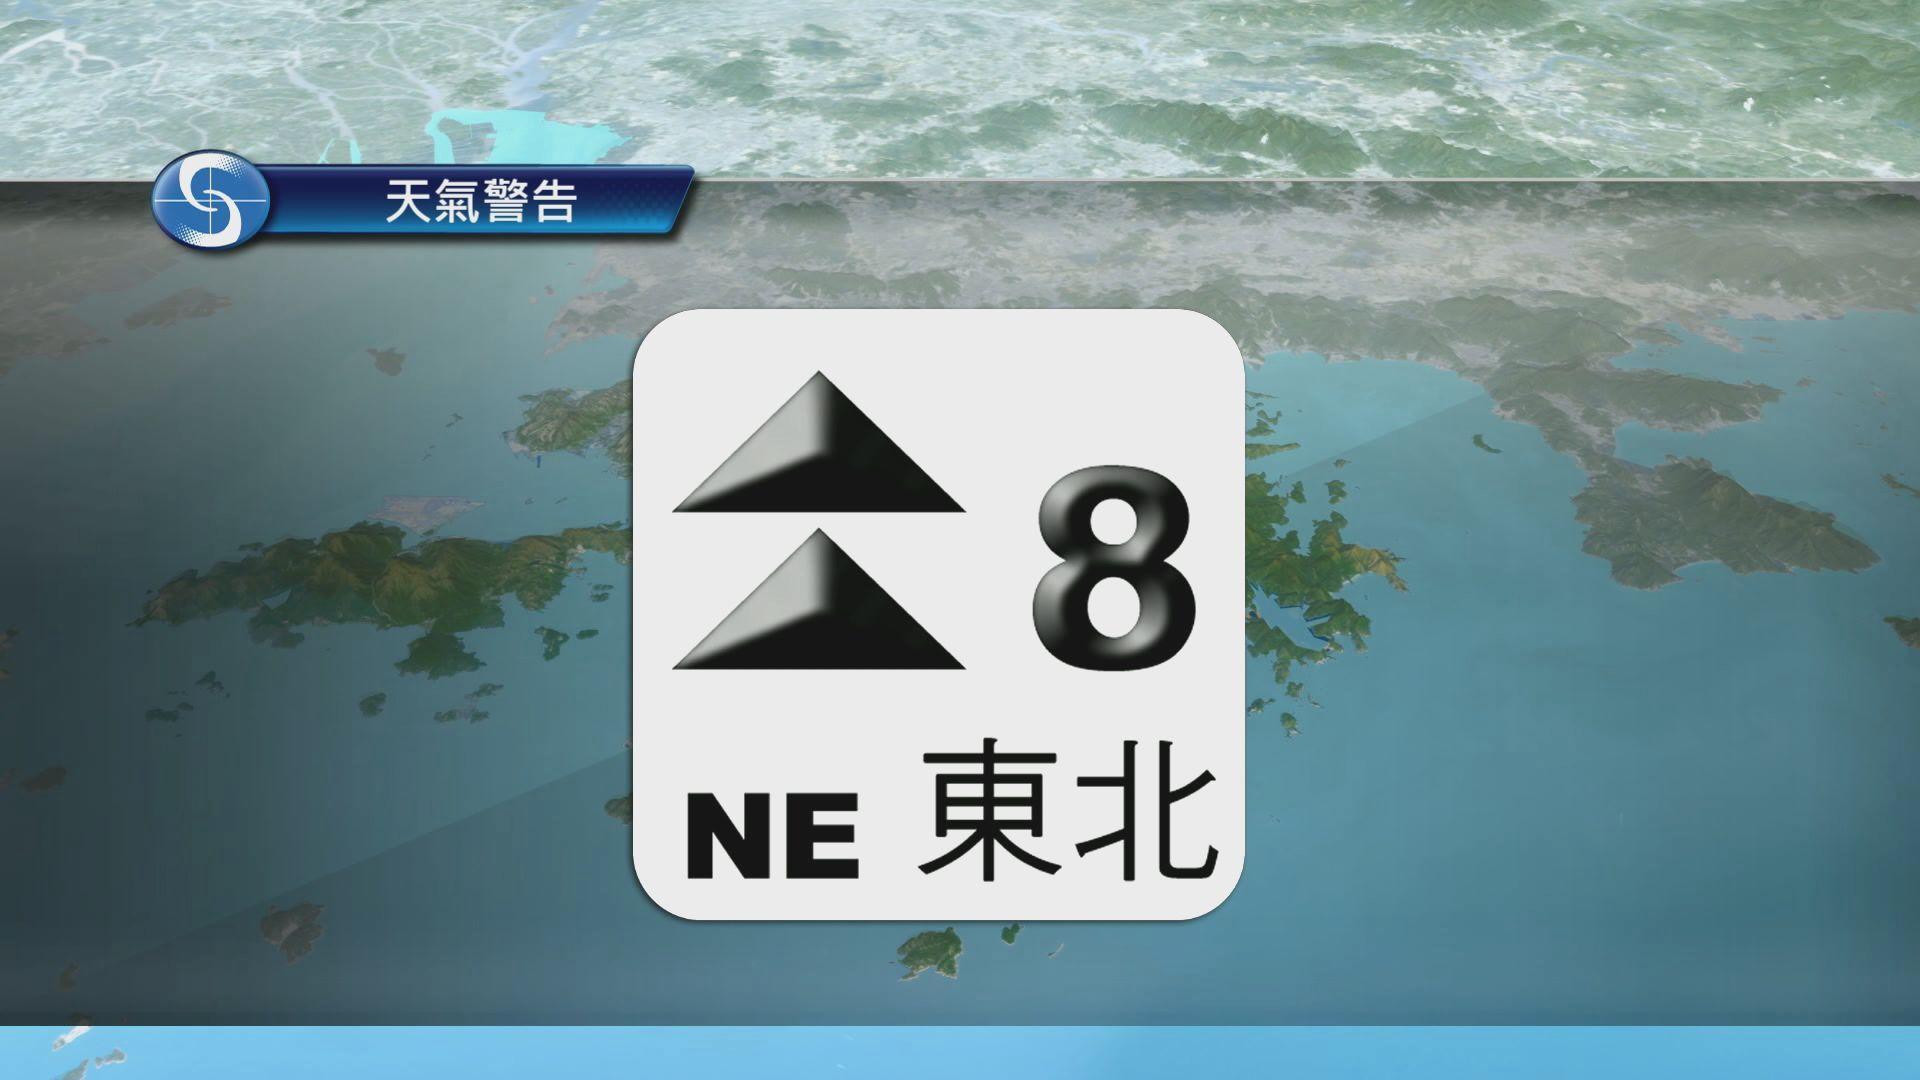 天文台:山竹中午前後最接近珠三角一帶